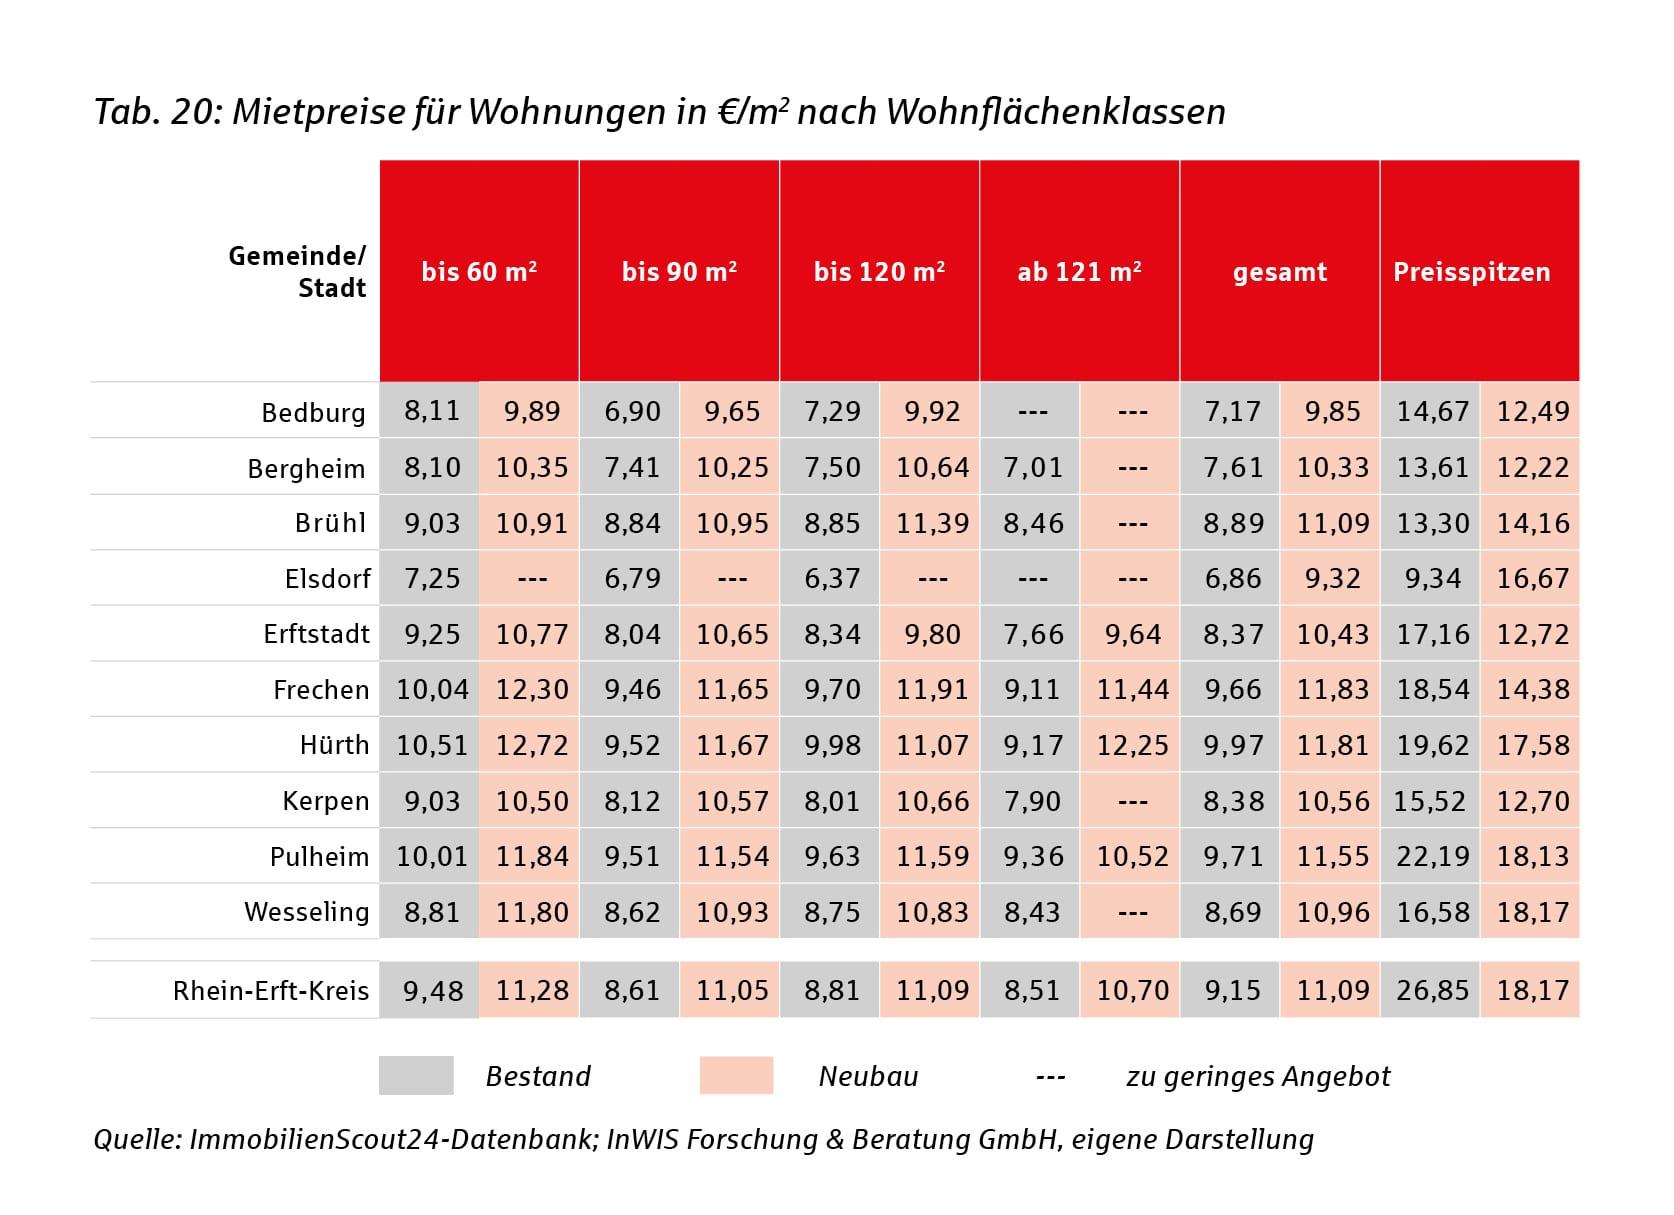 Tabelle: Mietpreise für Wohnungen in €/m² nach Wohnflächenklassen